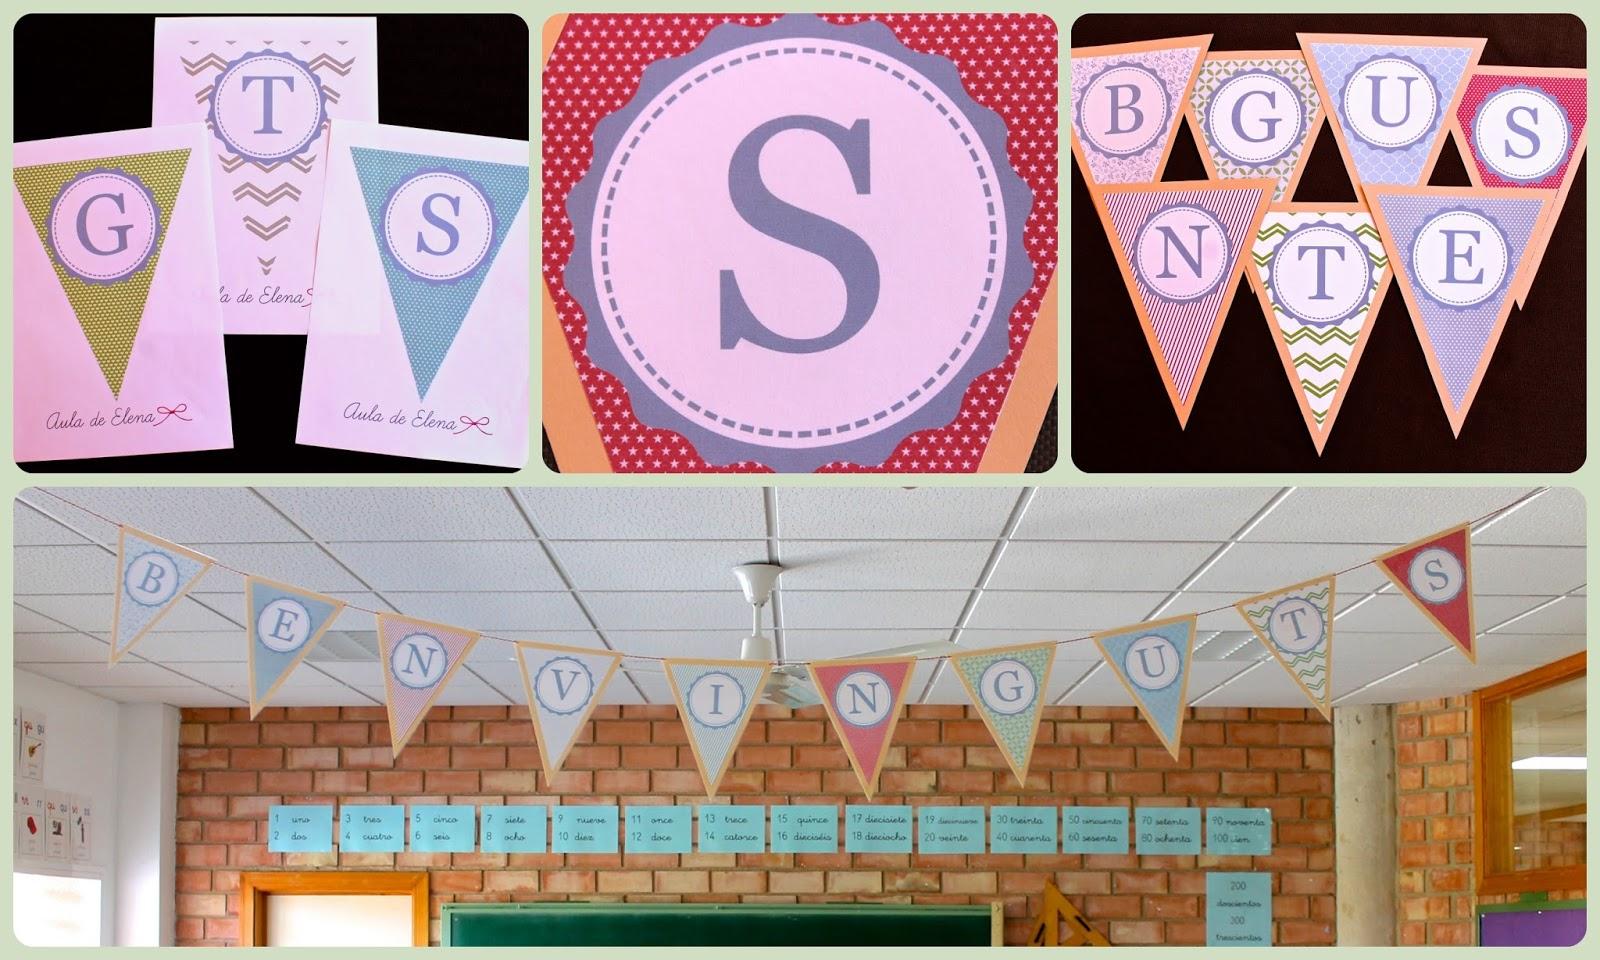 Alfabeto en forma de banderines aula de elena - Formas de letras para decorar ...